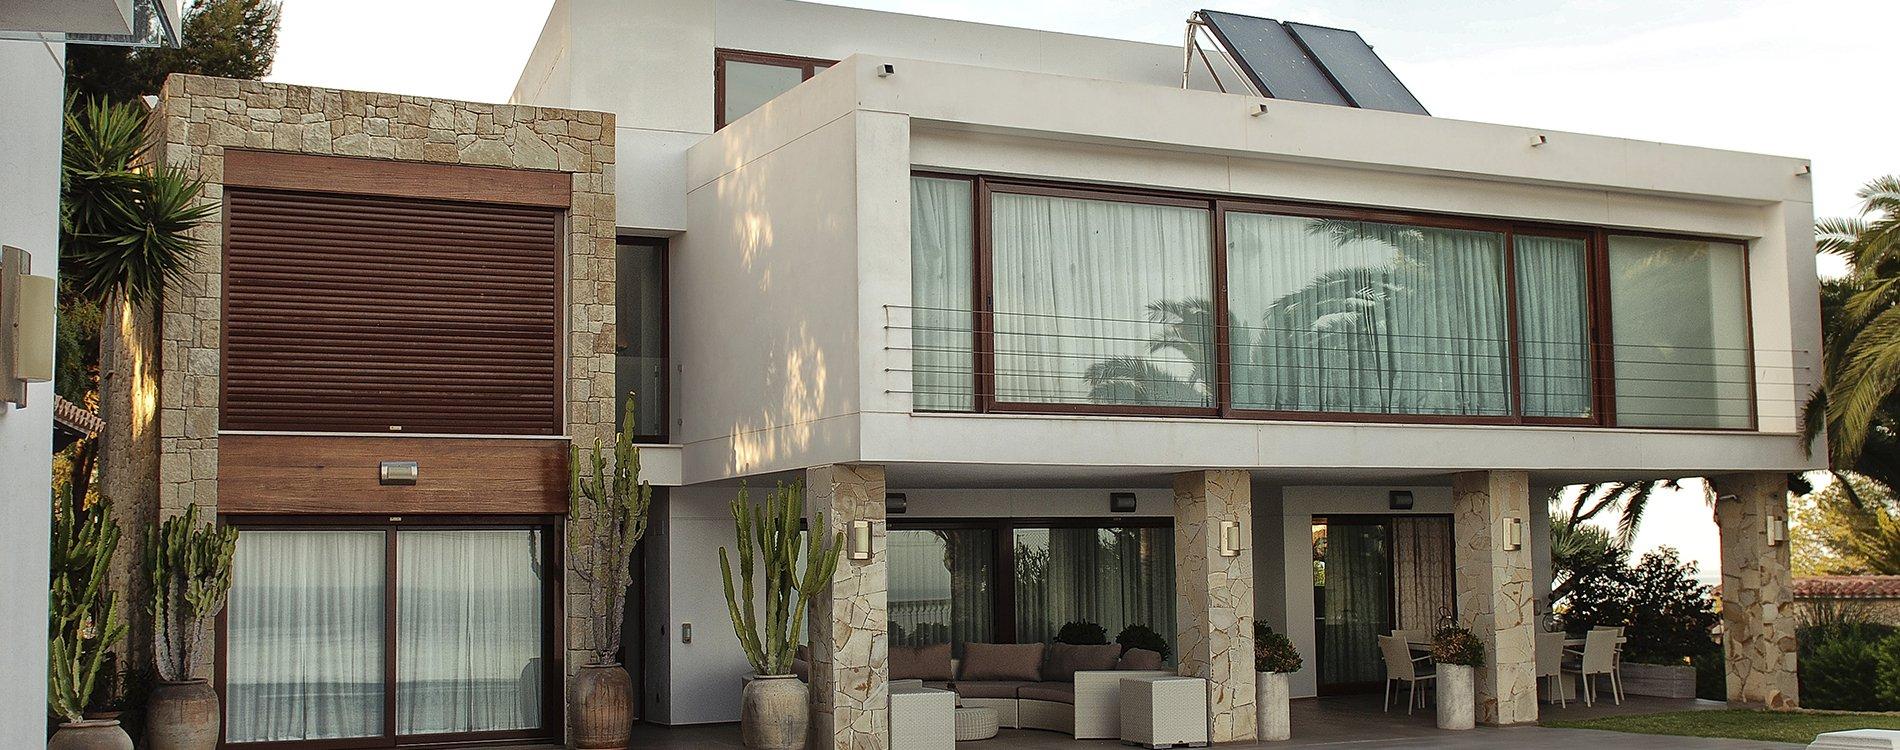 Jávea, la villa perfecta para sentir el lujo mediterráneo en el propio hogar.